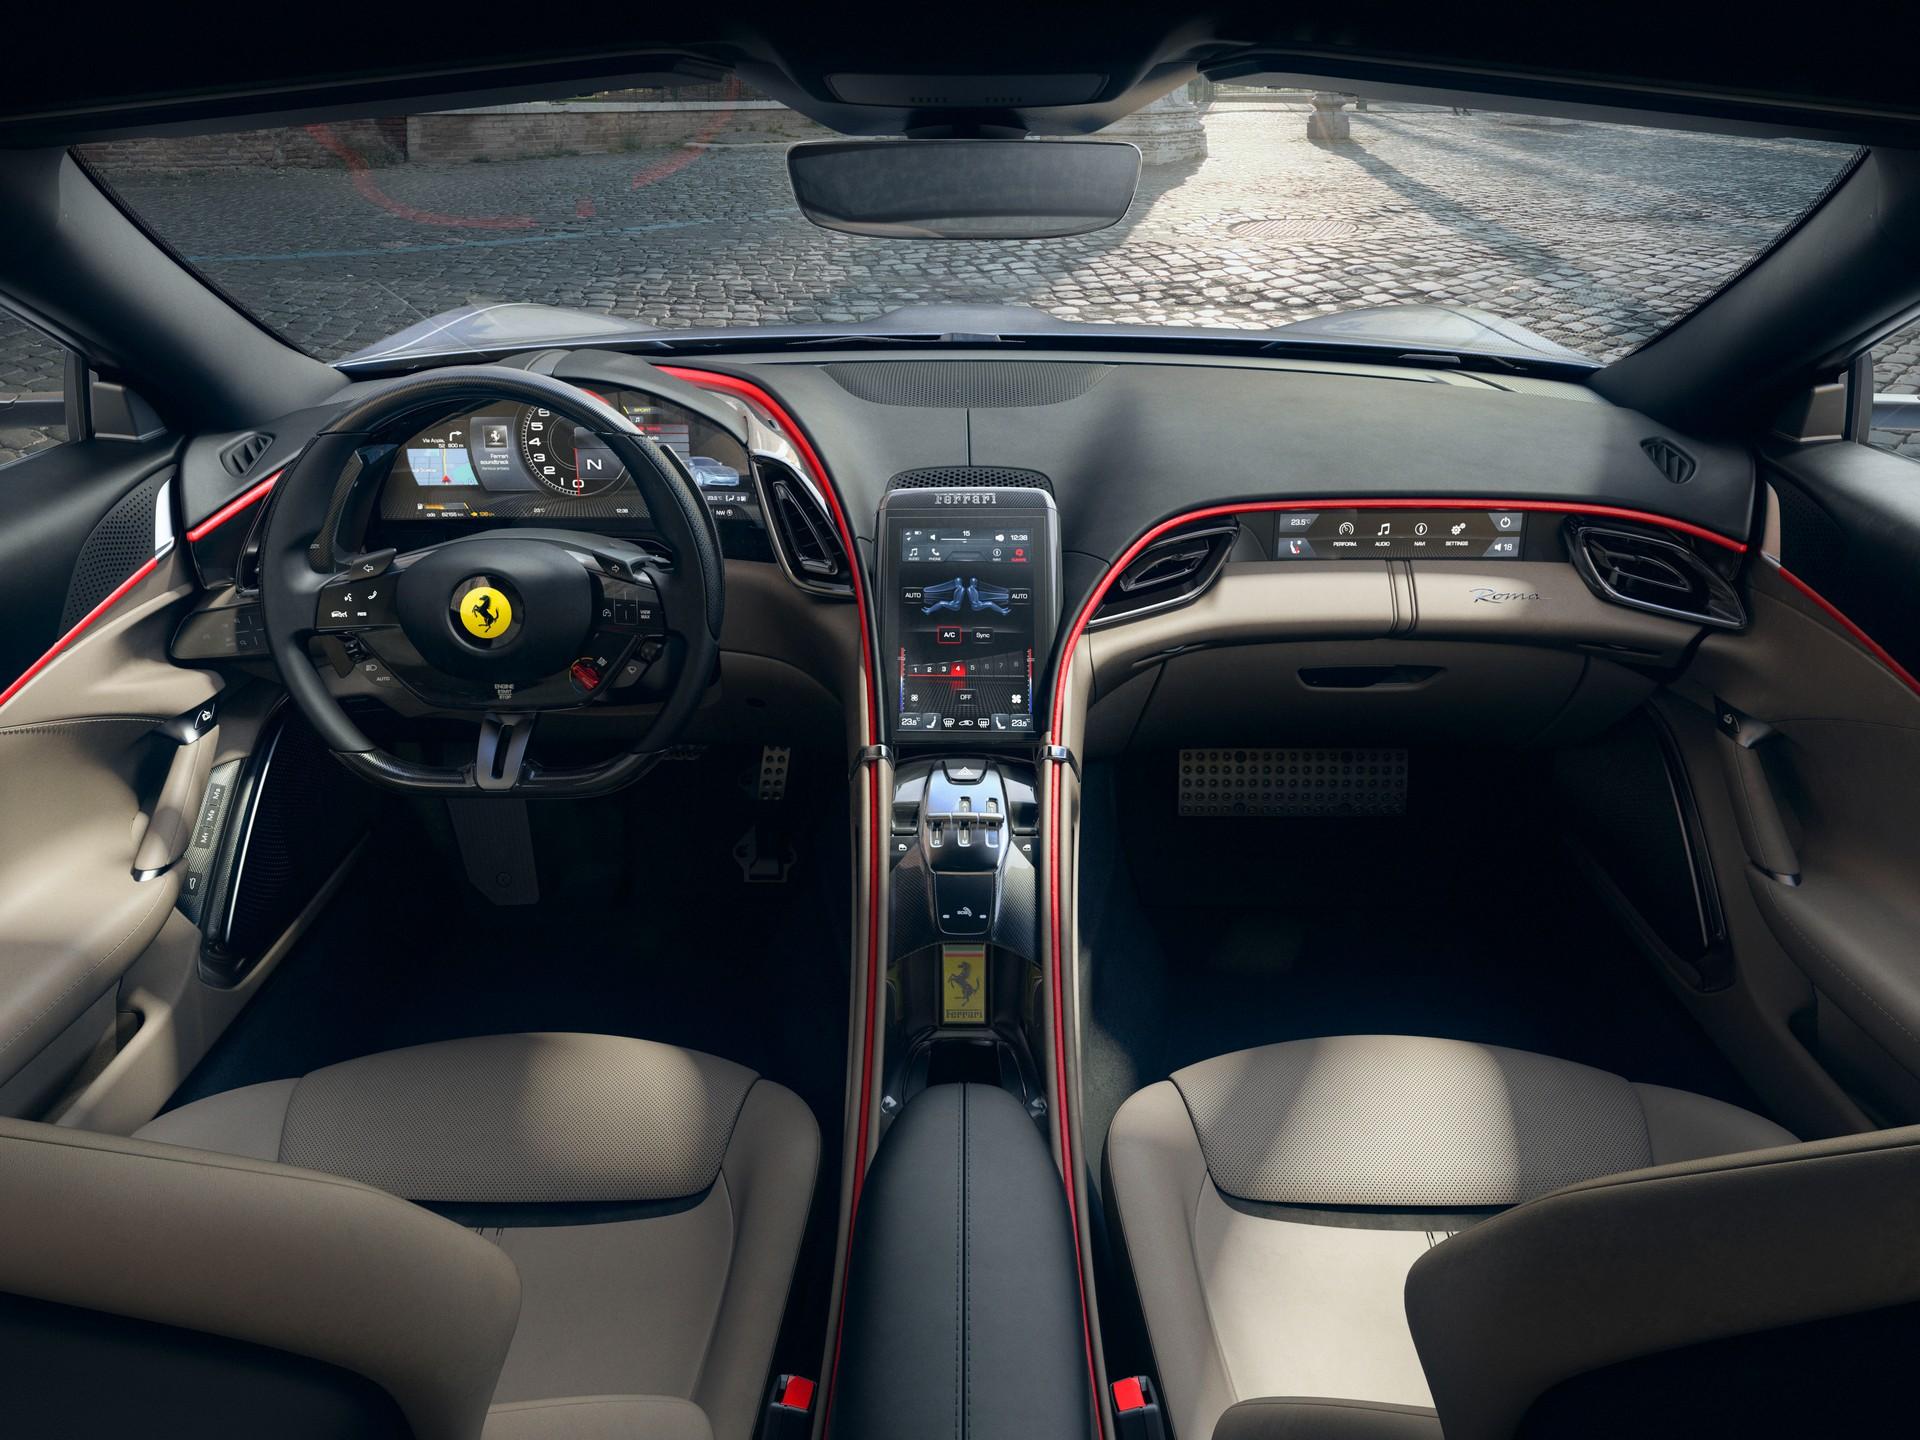 Ferrari công bố chi tiết siêu xe Grand Tourer Roma 612 HP mới - 11